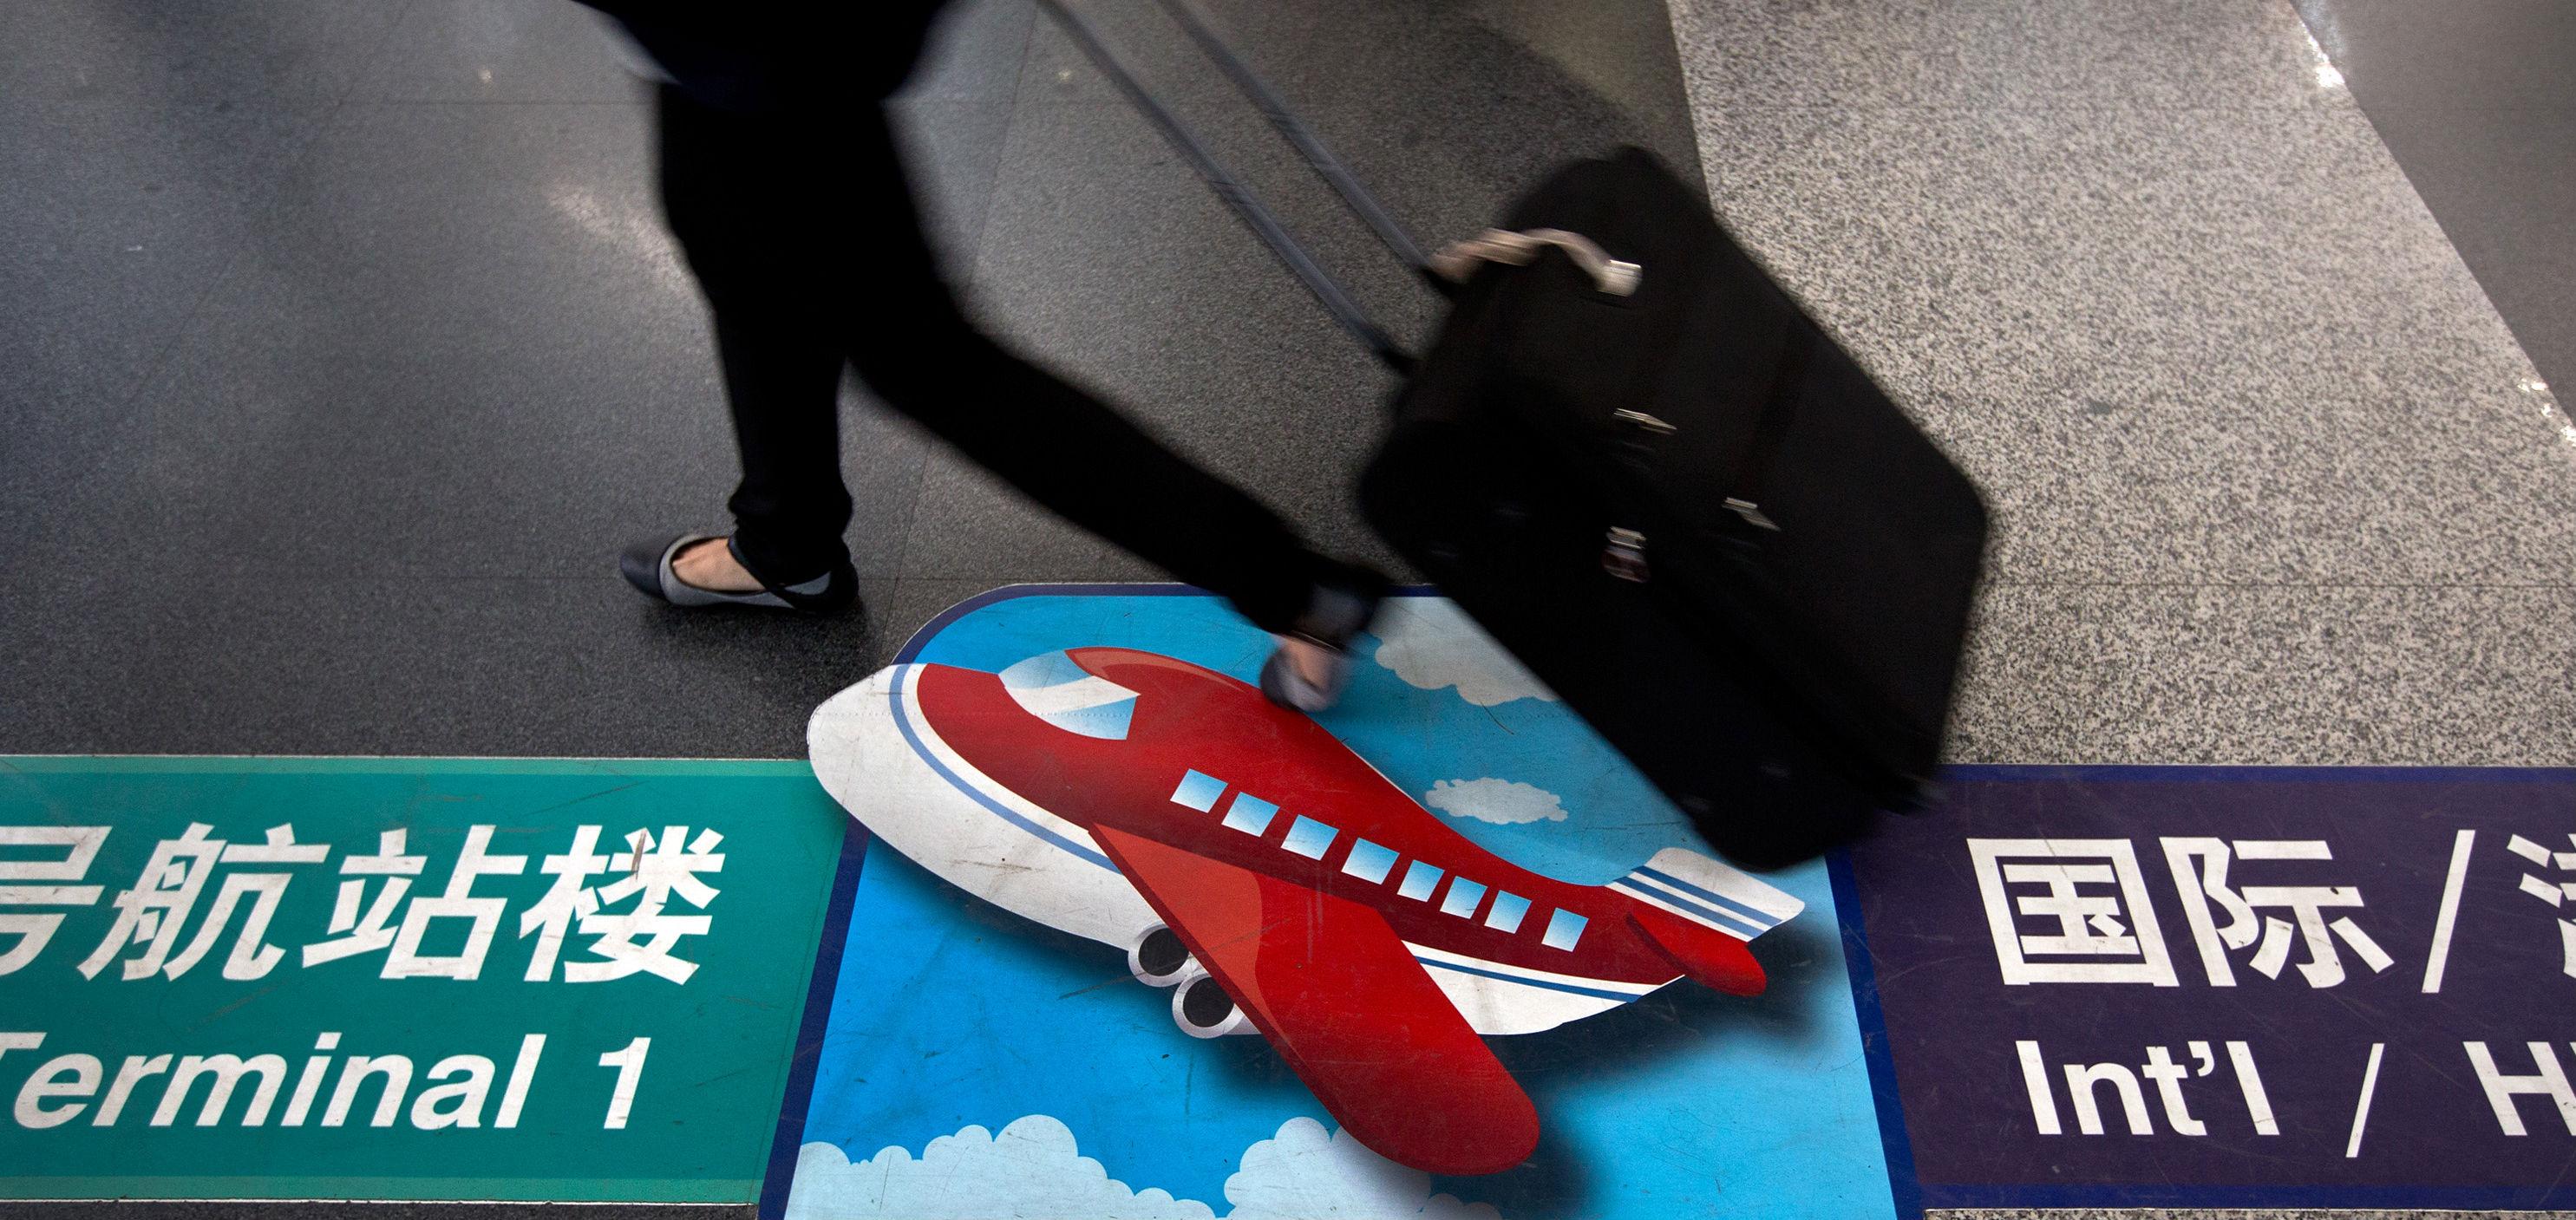 Chinese air traveler